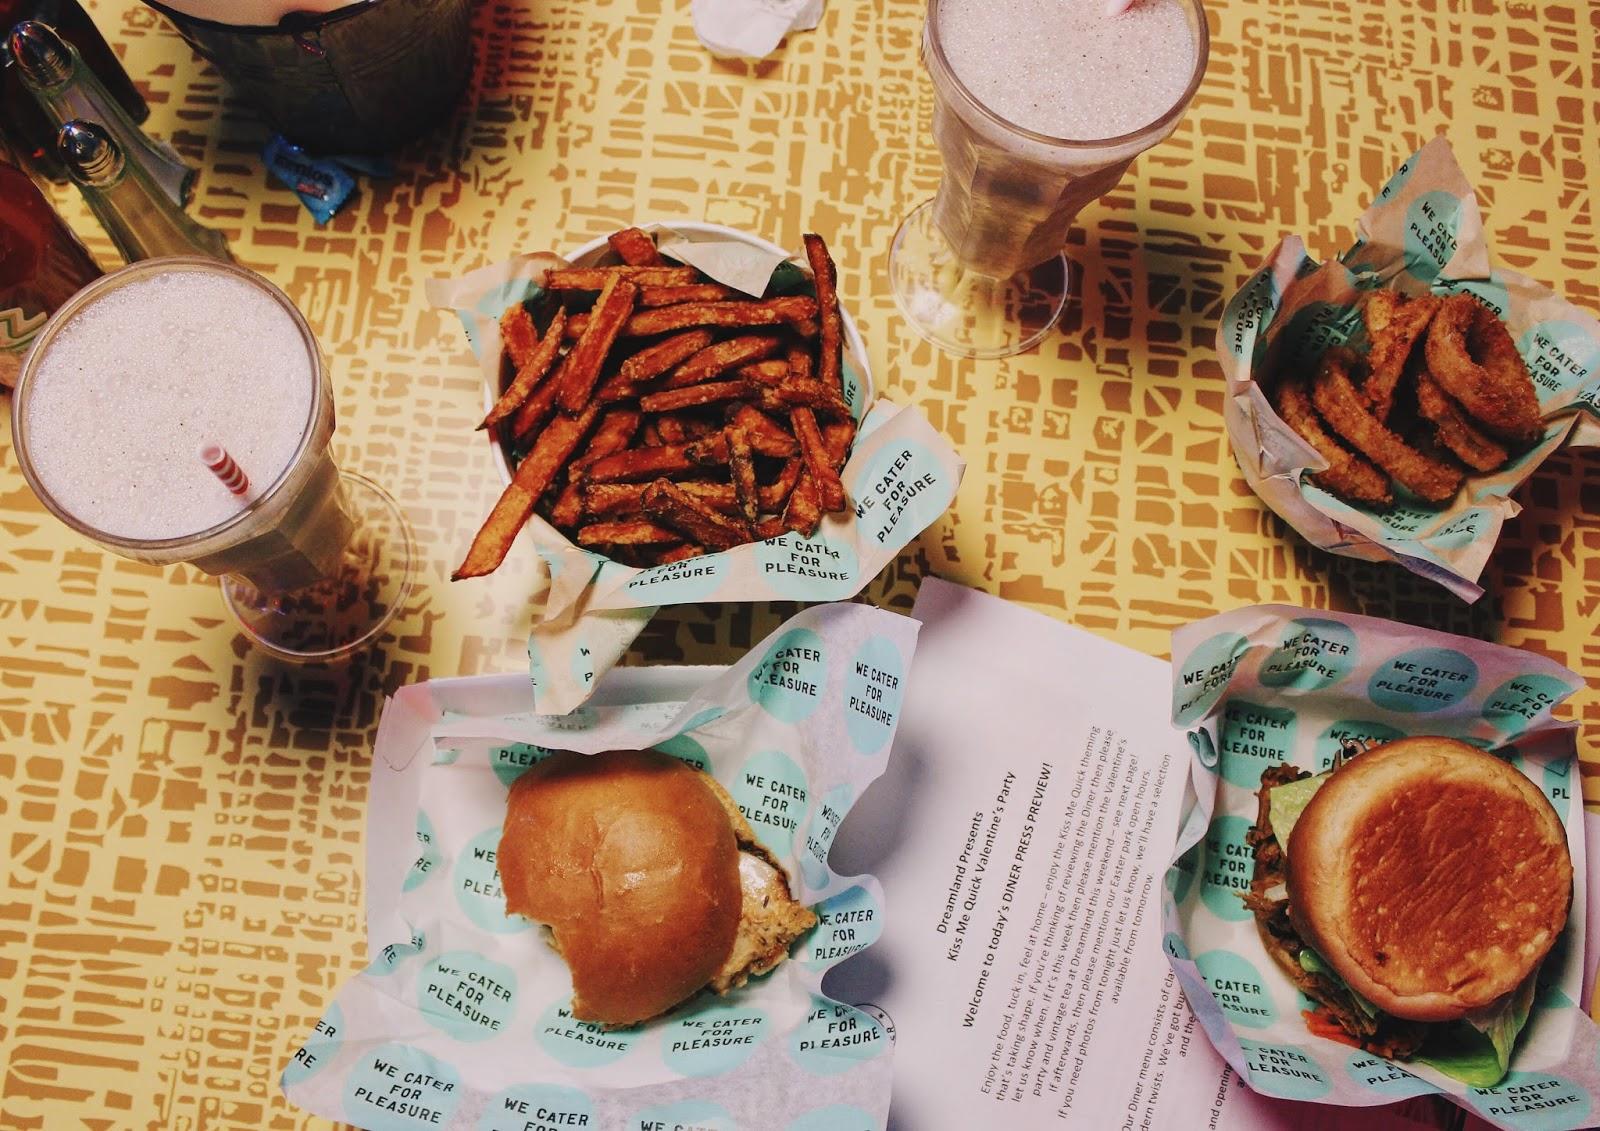 food at dreamland margates new roller disco diner